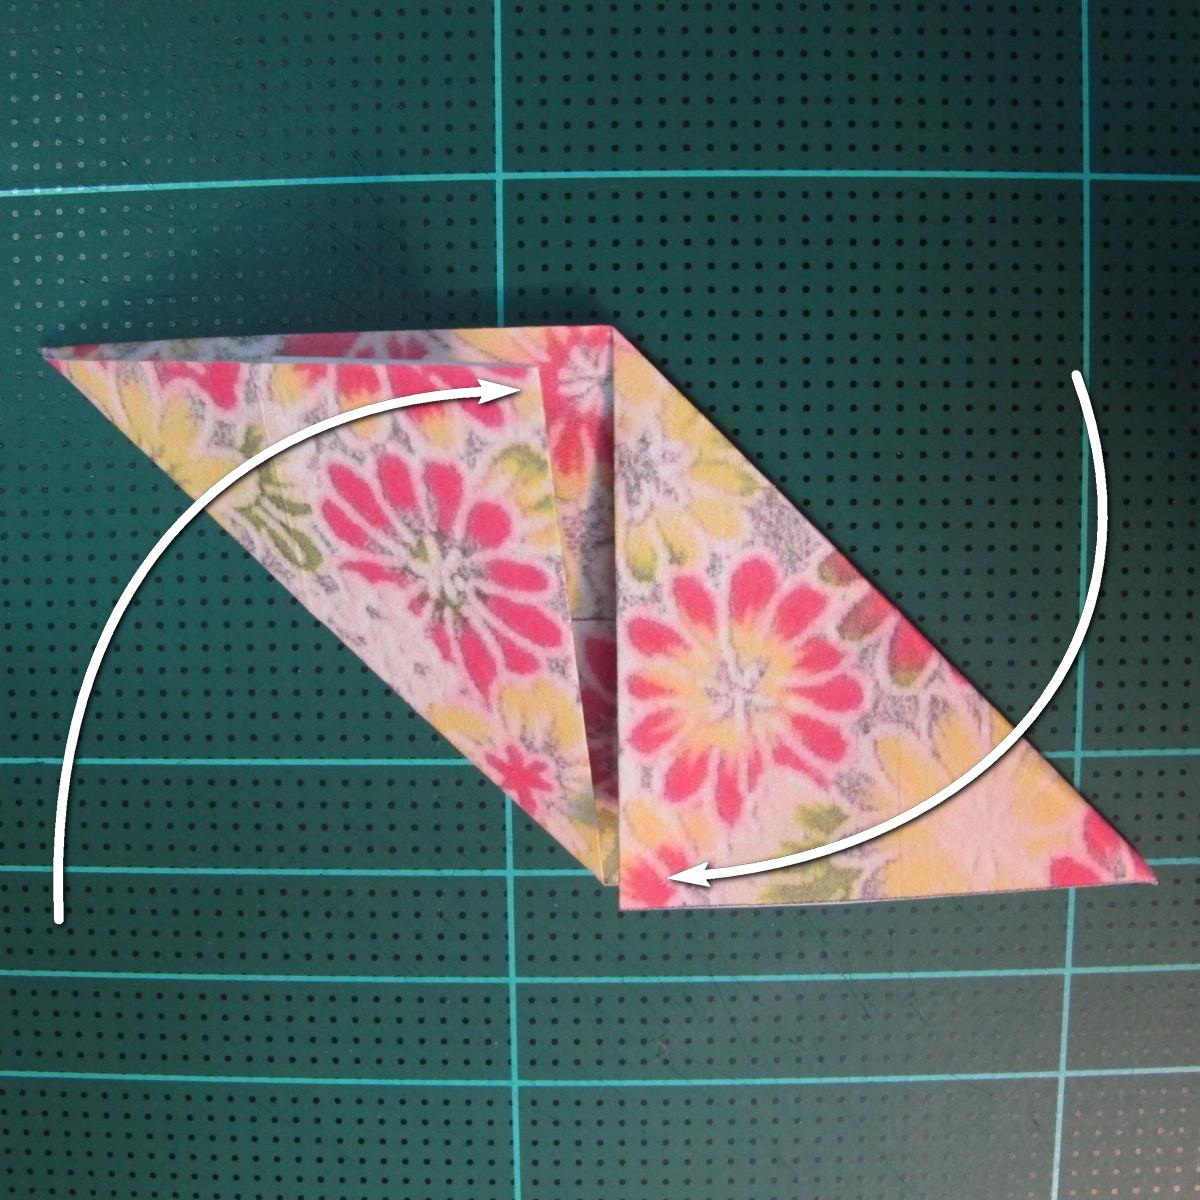 การพับกระดาษเป็นรูปเรขาคณิตทรงลูกบาศก์แบบแยกชิ้นประกอบ (Modular Origami Cube) 008